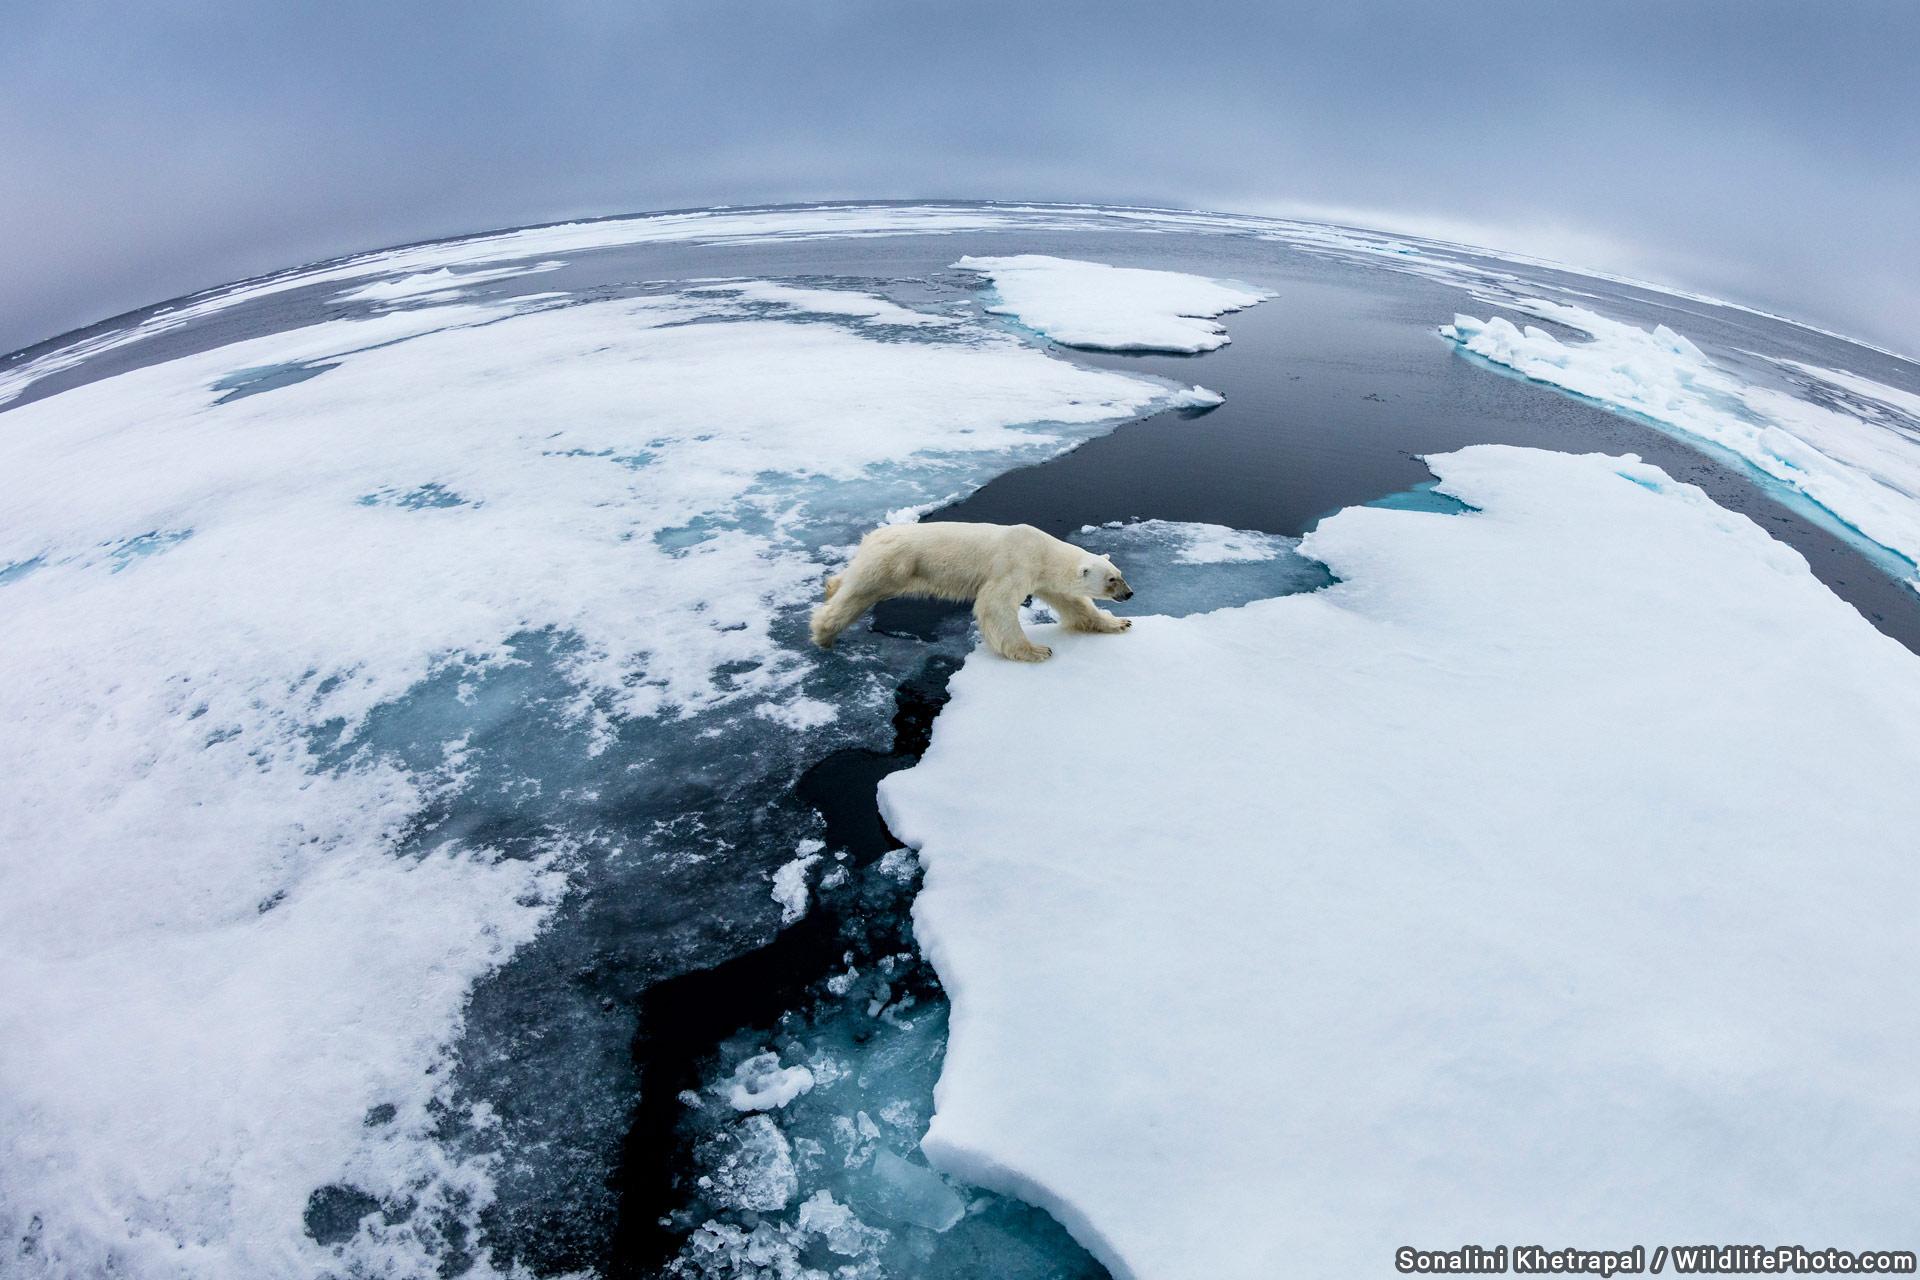 Путешественник на льдине, © Соналини Хетапал, Высокая оценка, Фотоконкурс «Места обитания и ландшафты»